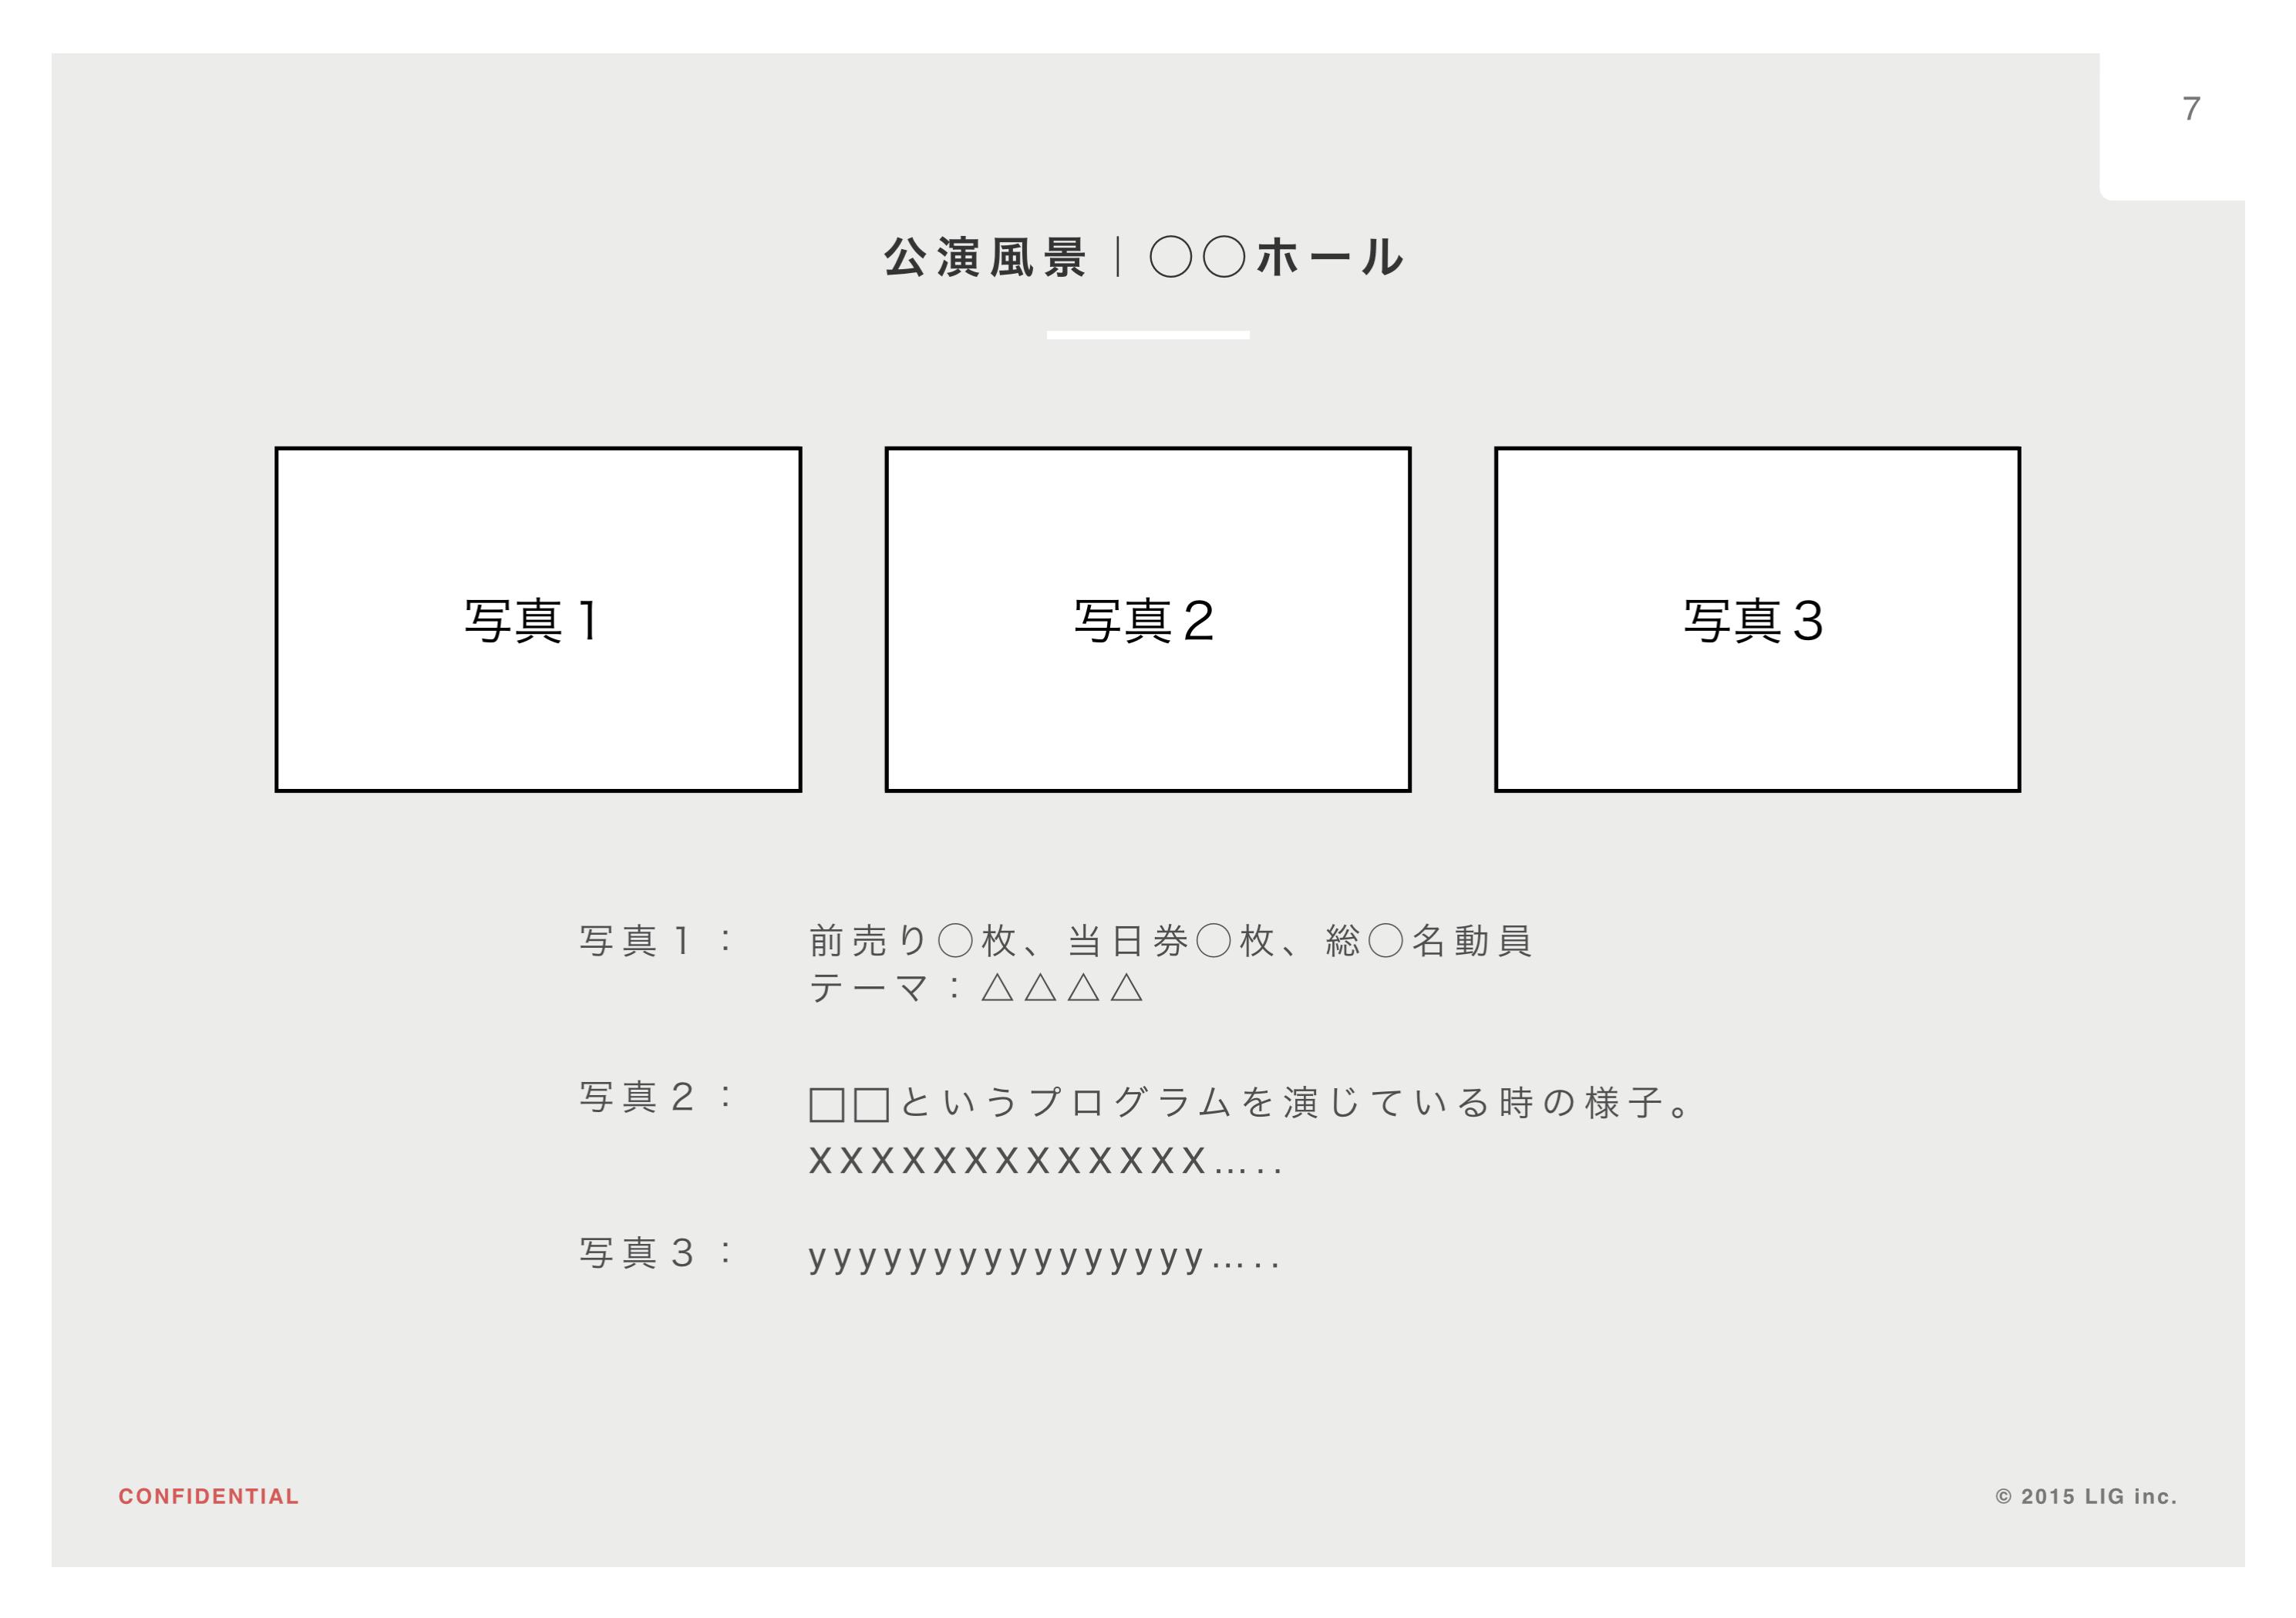 スクリーンショット 2015-11-13 18.09.53